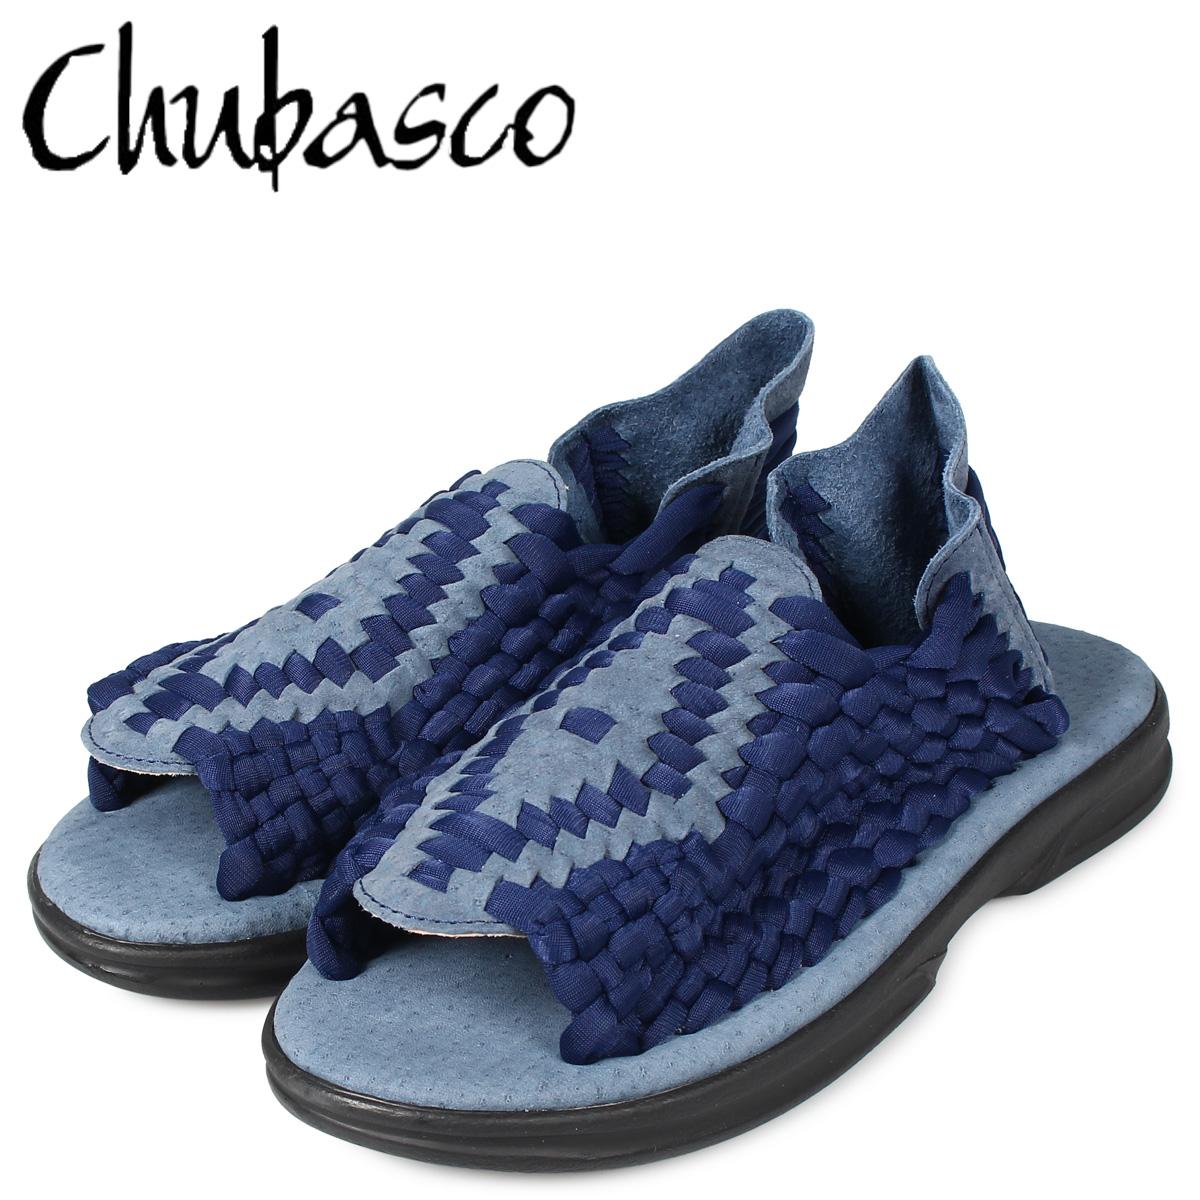 チュバスコ CHUBASCO アズテック サンダル スポーツサンダル メンズ AZTEC ネイビー S1602290